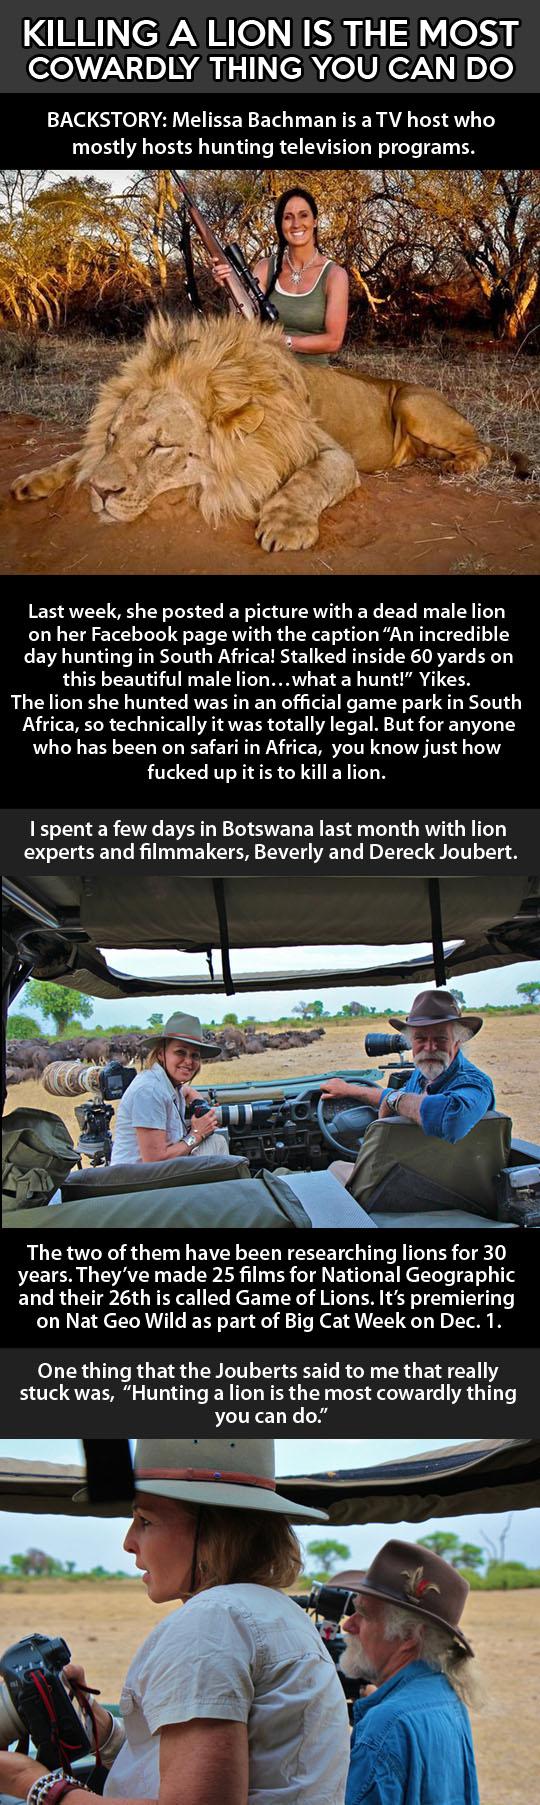 lion-host-hunter-Africa-gun-Bachman